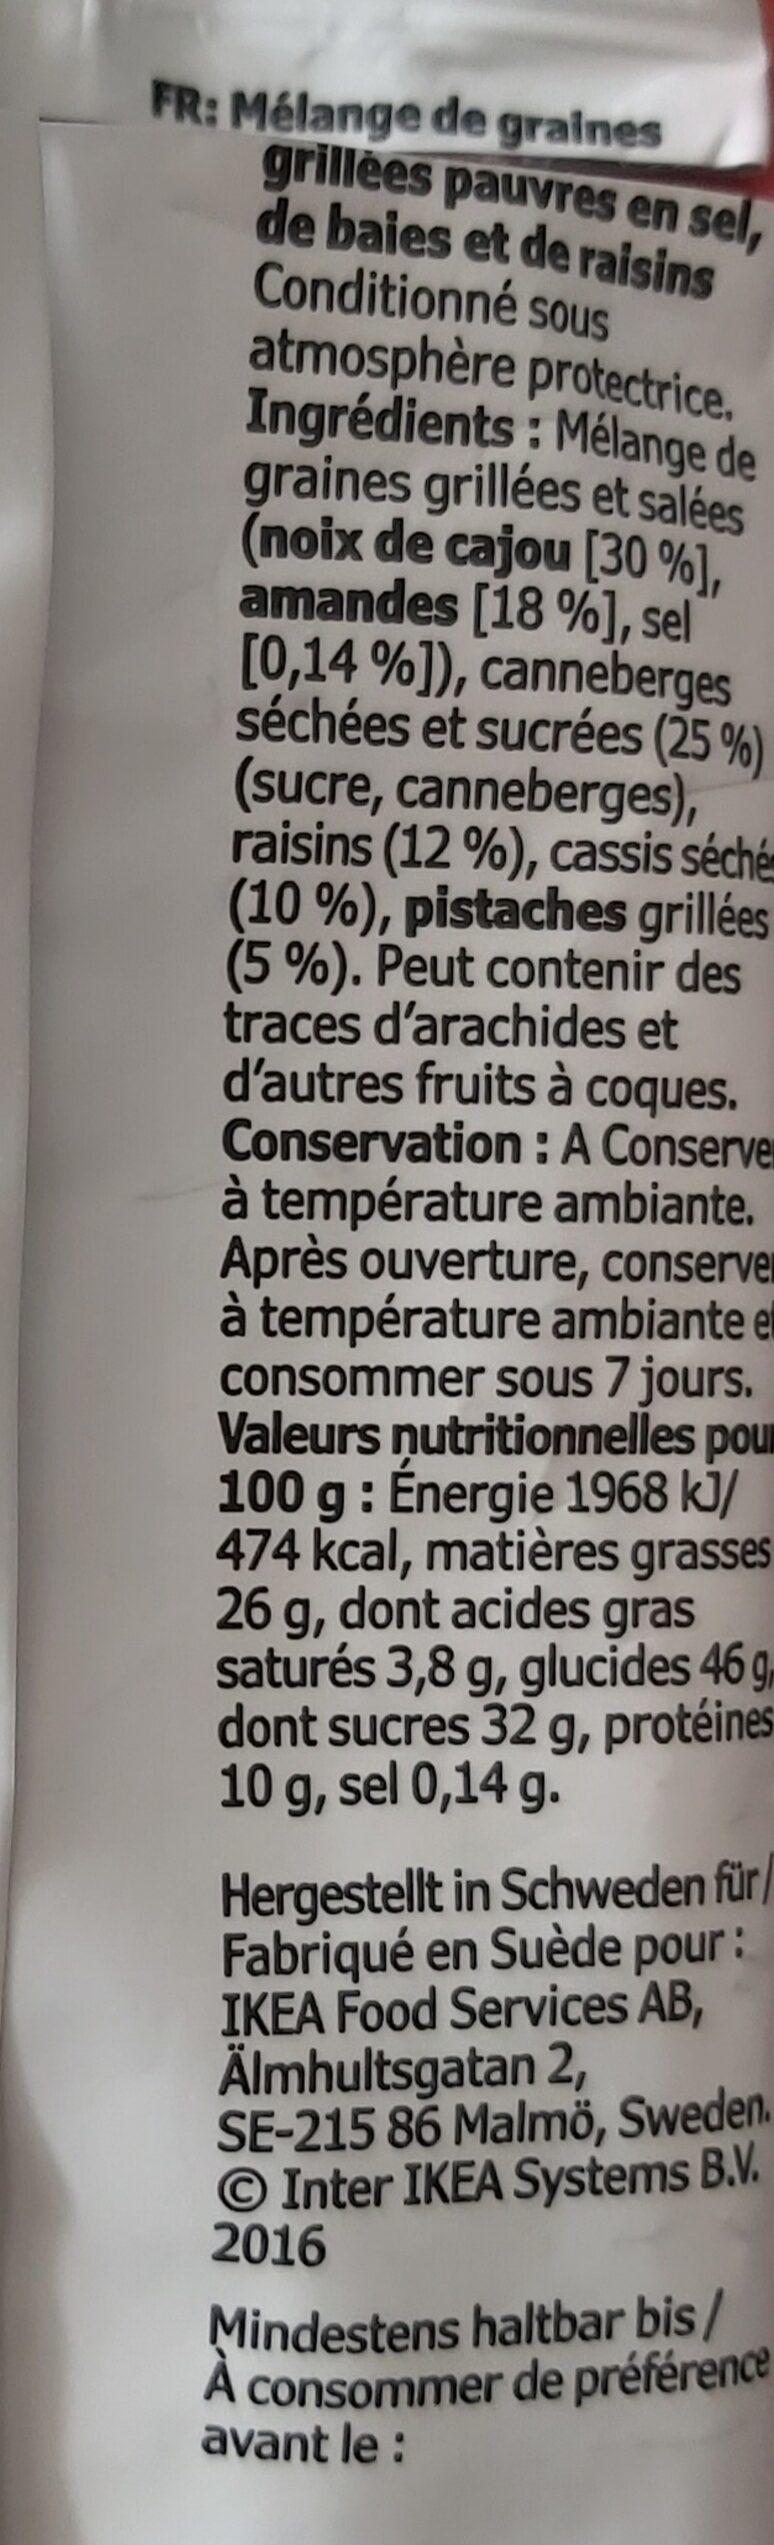 Mélange De Graines Grillees - Información nutricional - fr